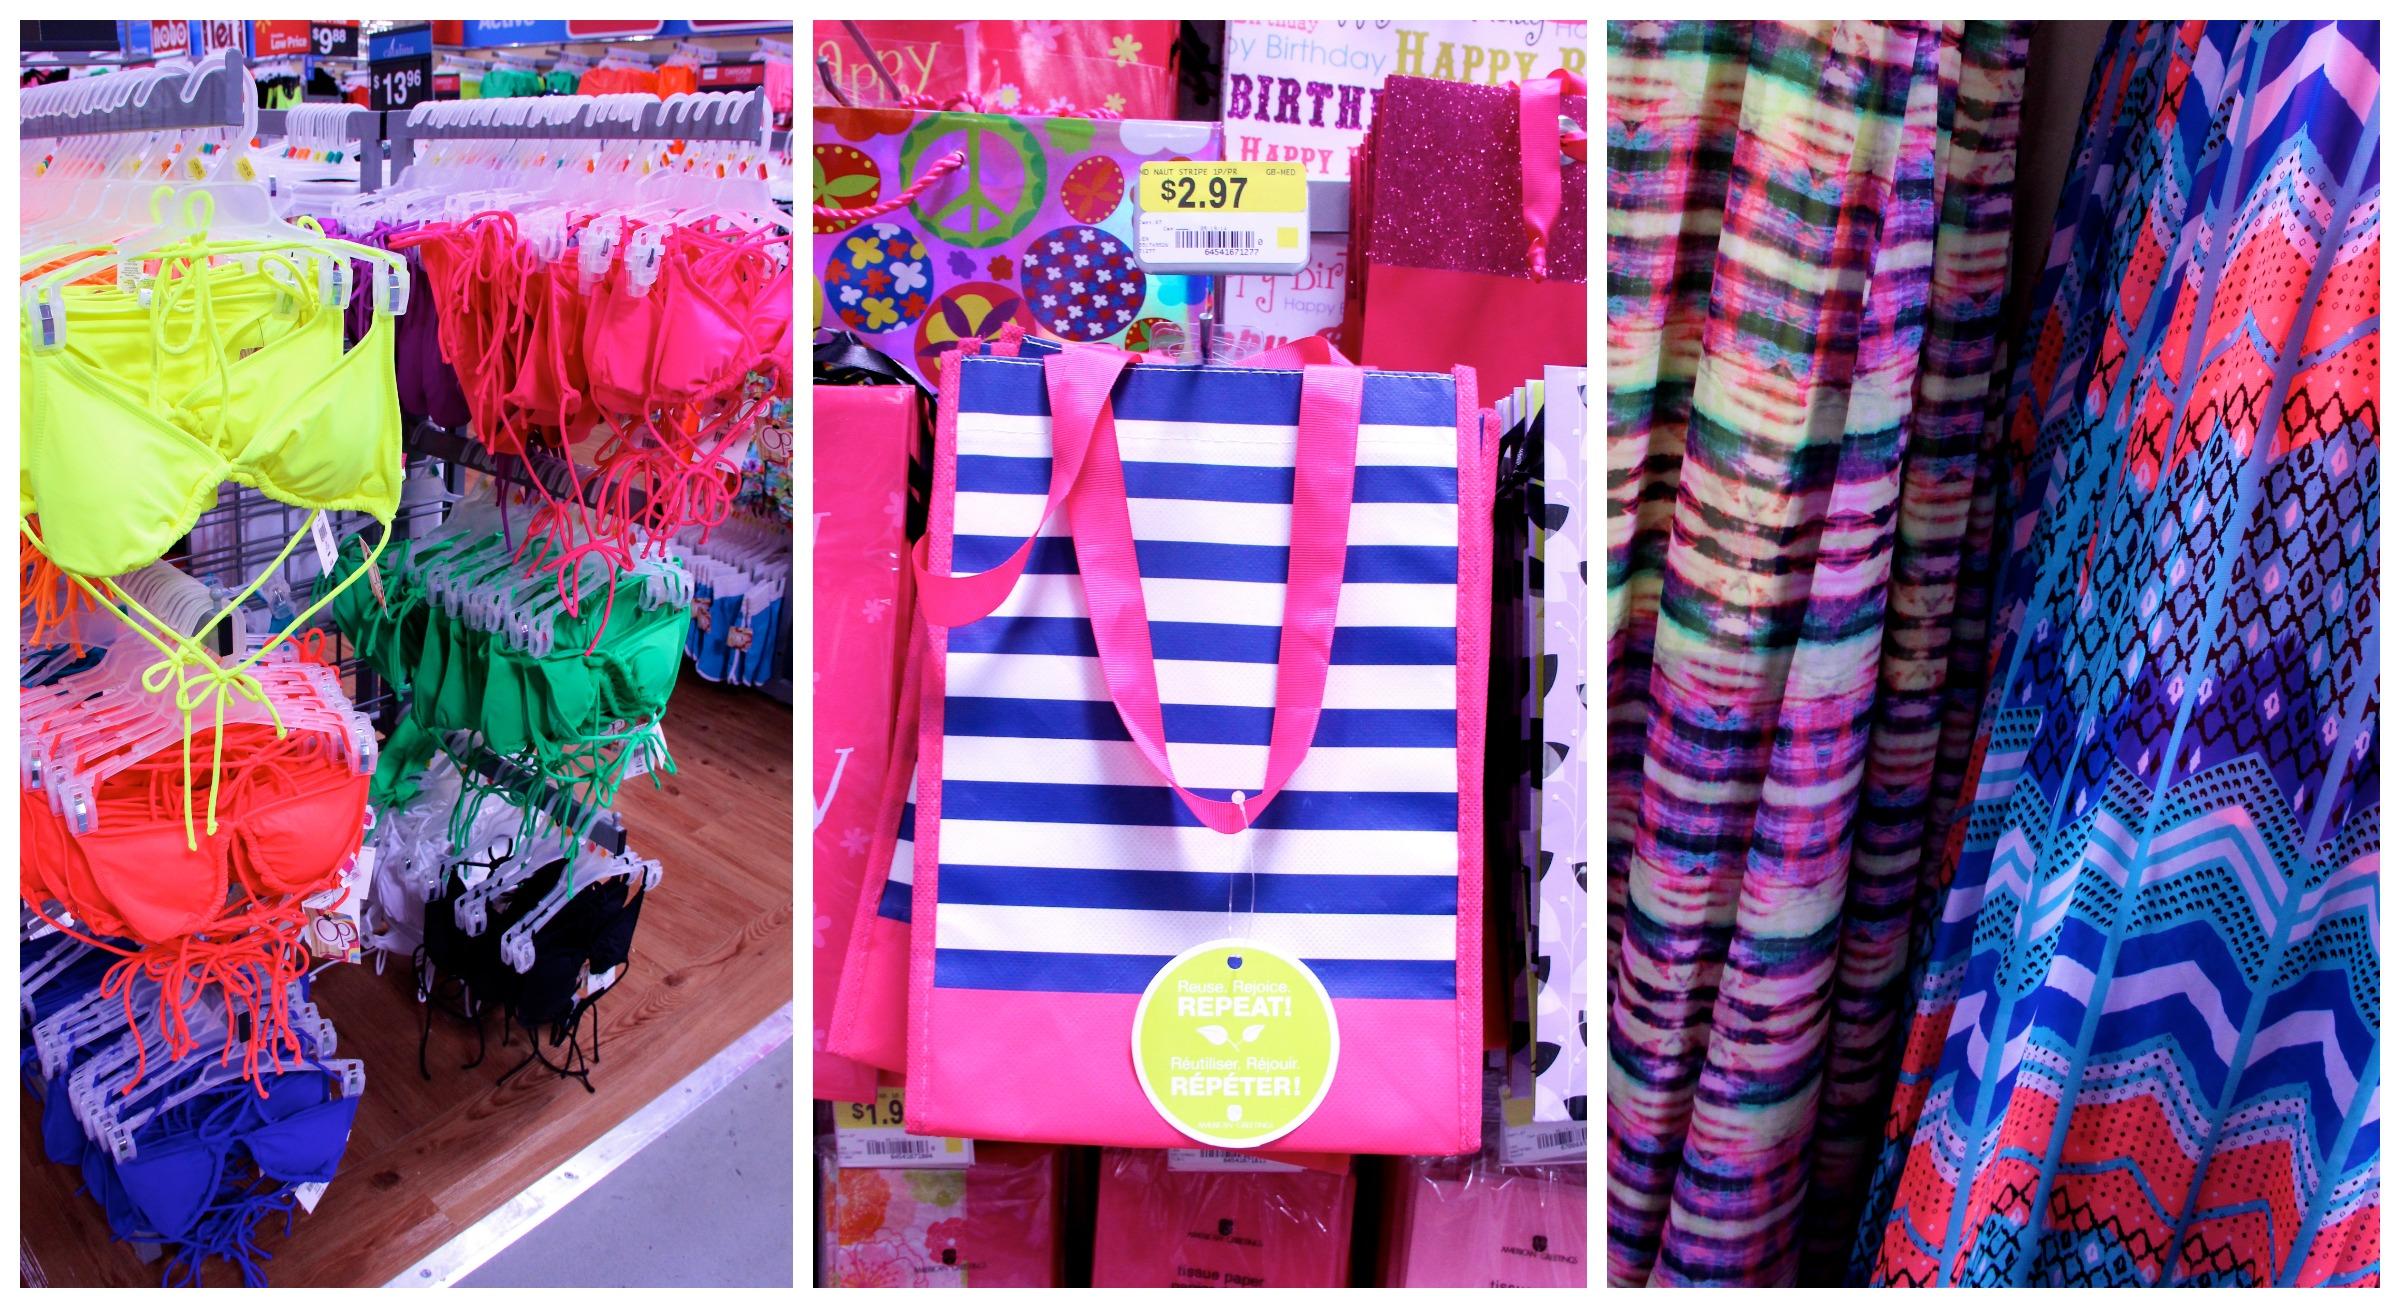 Walmart Dublin Ohio